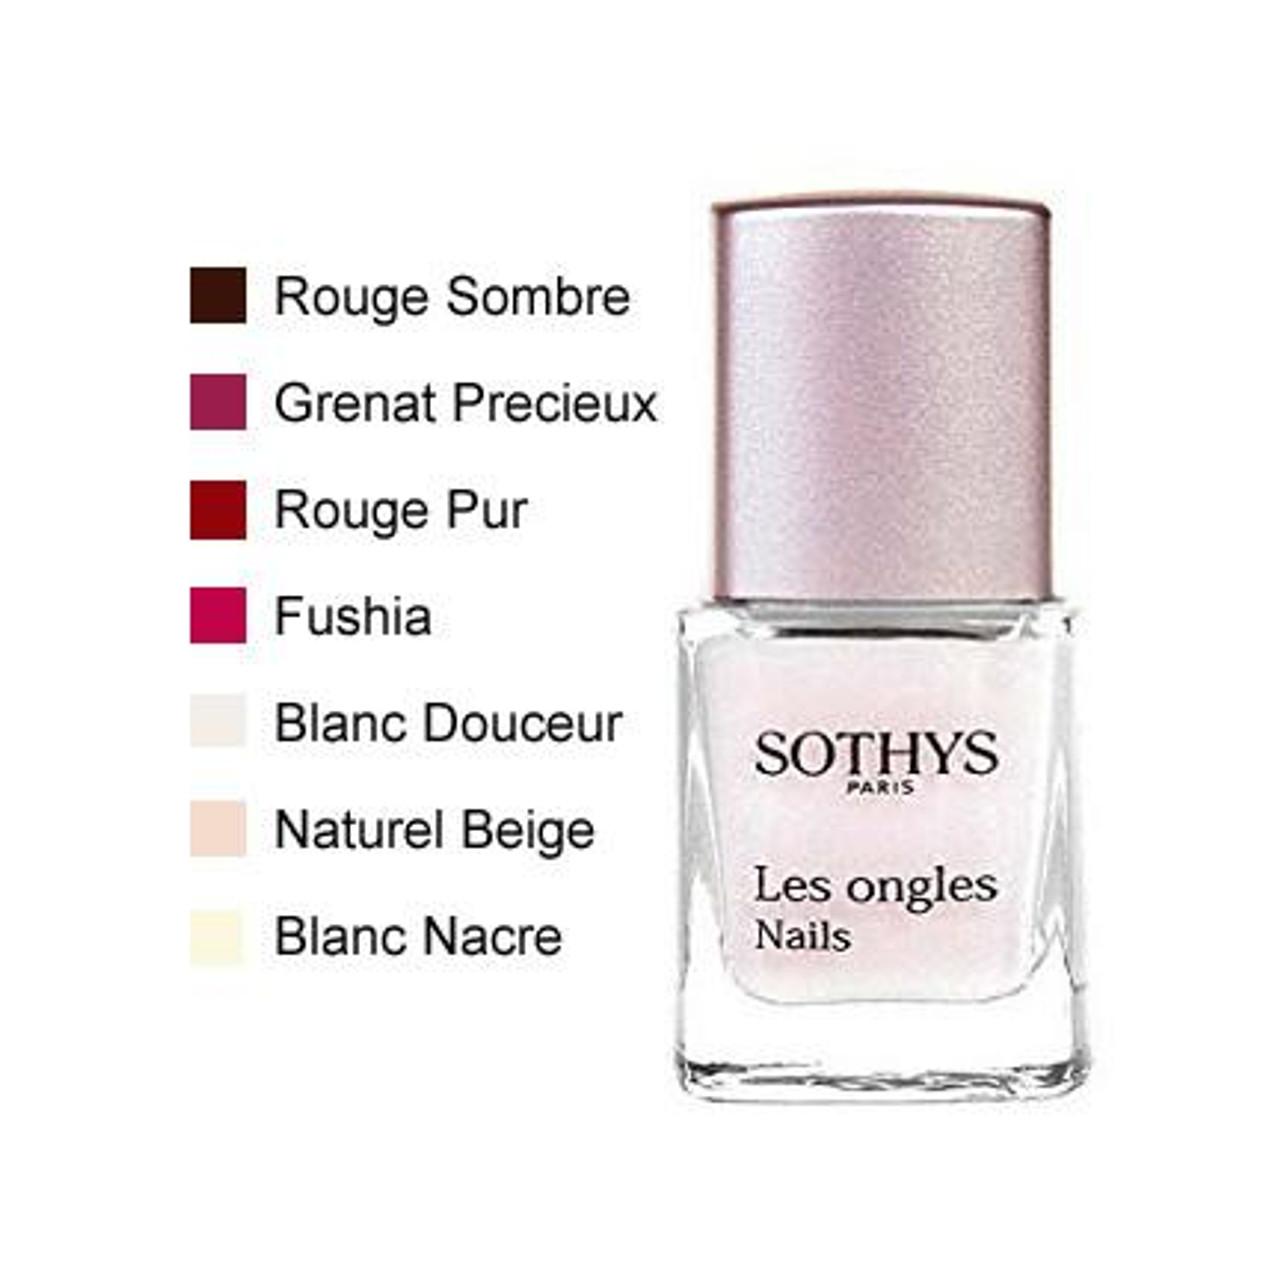 Sothys Nail Enamels - Rouge Pur, nail polish